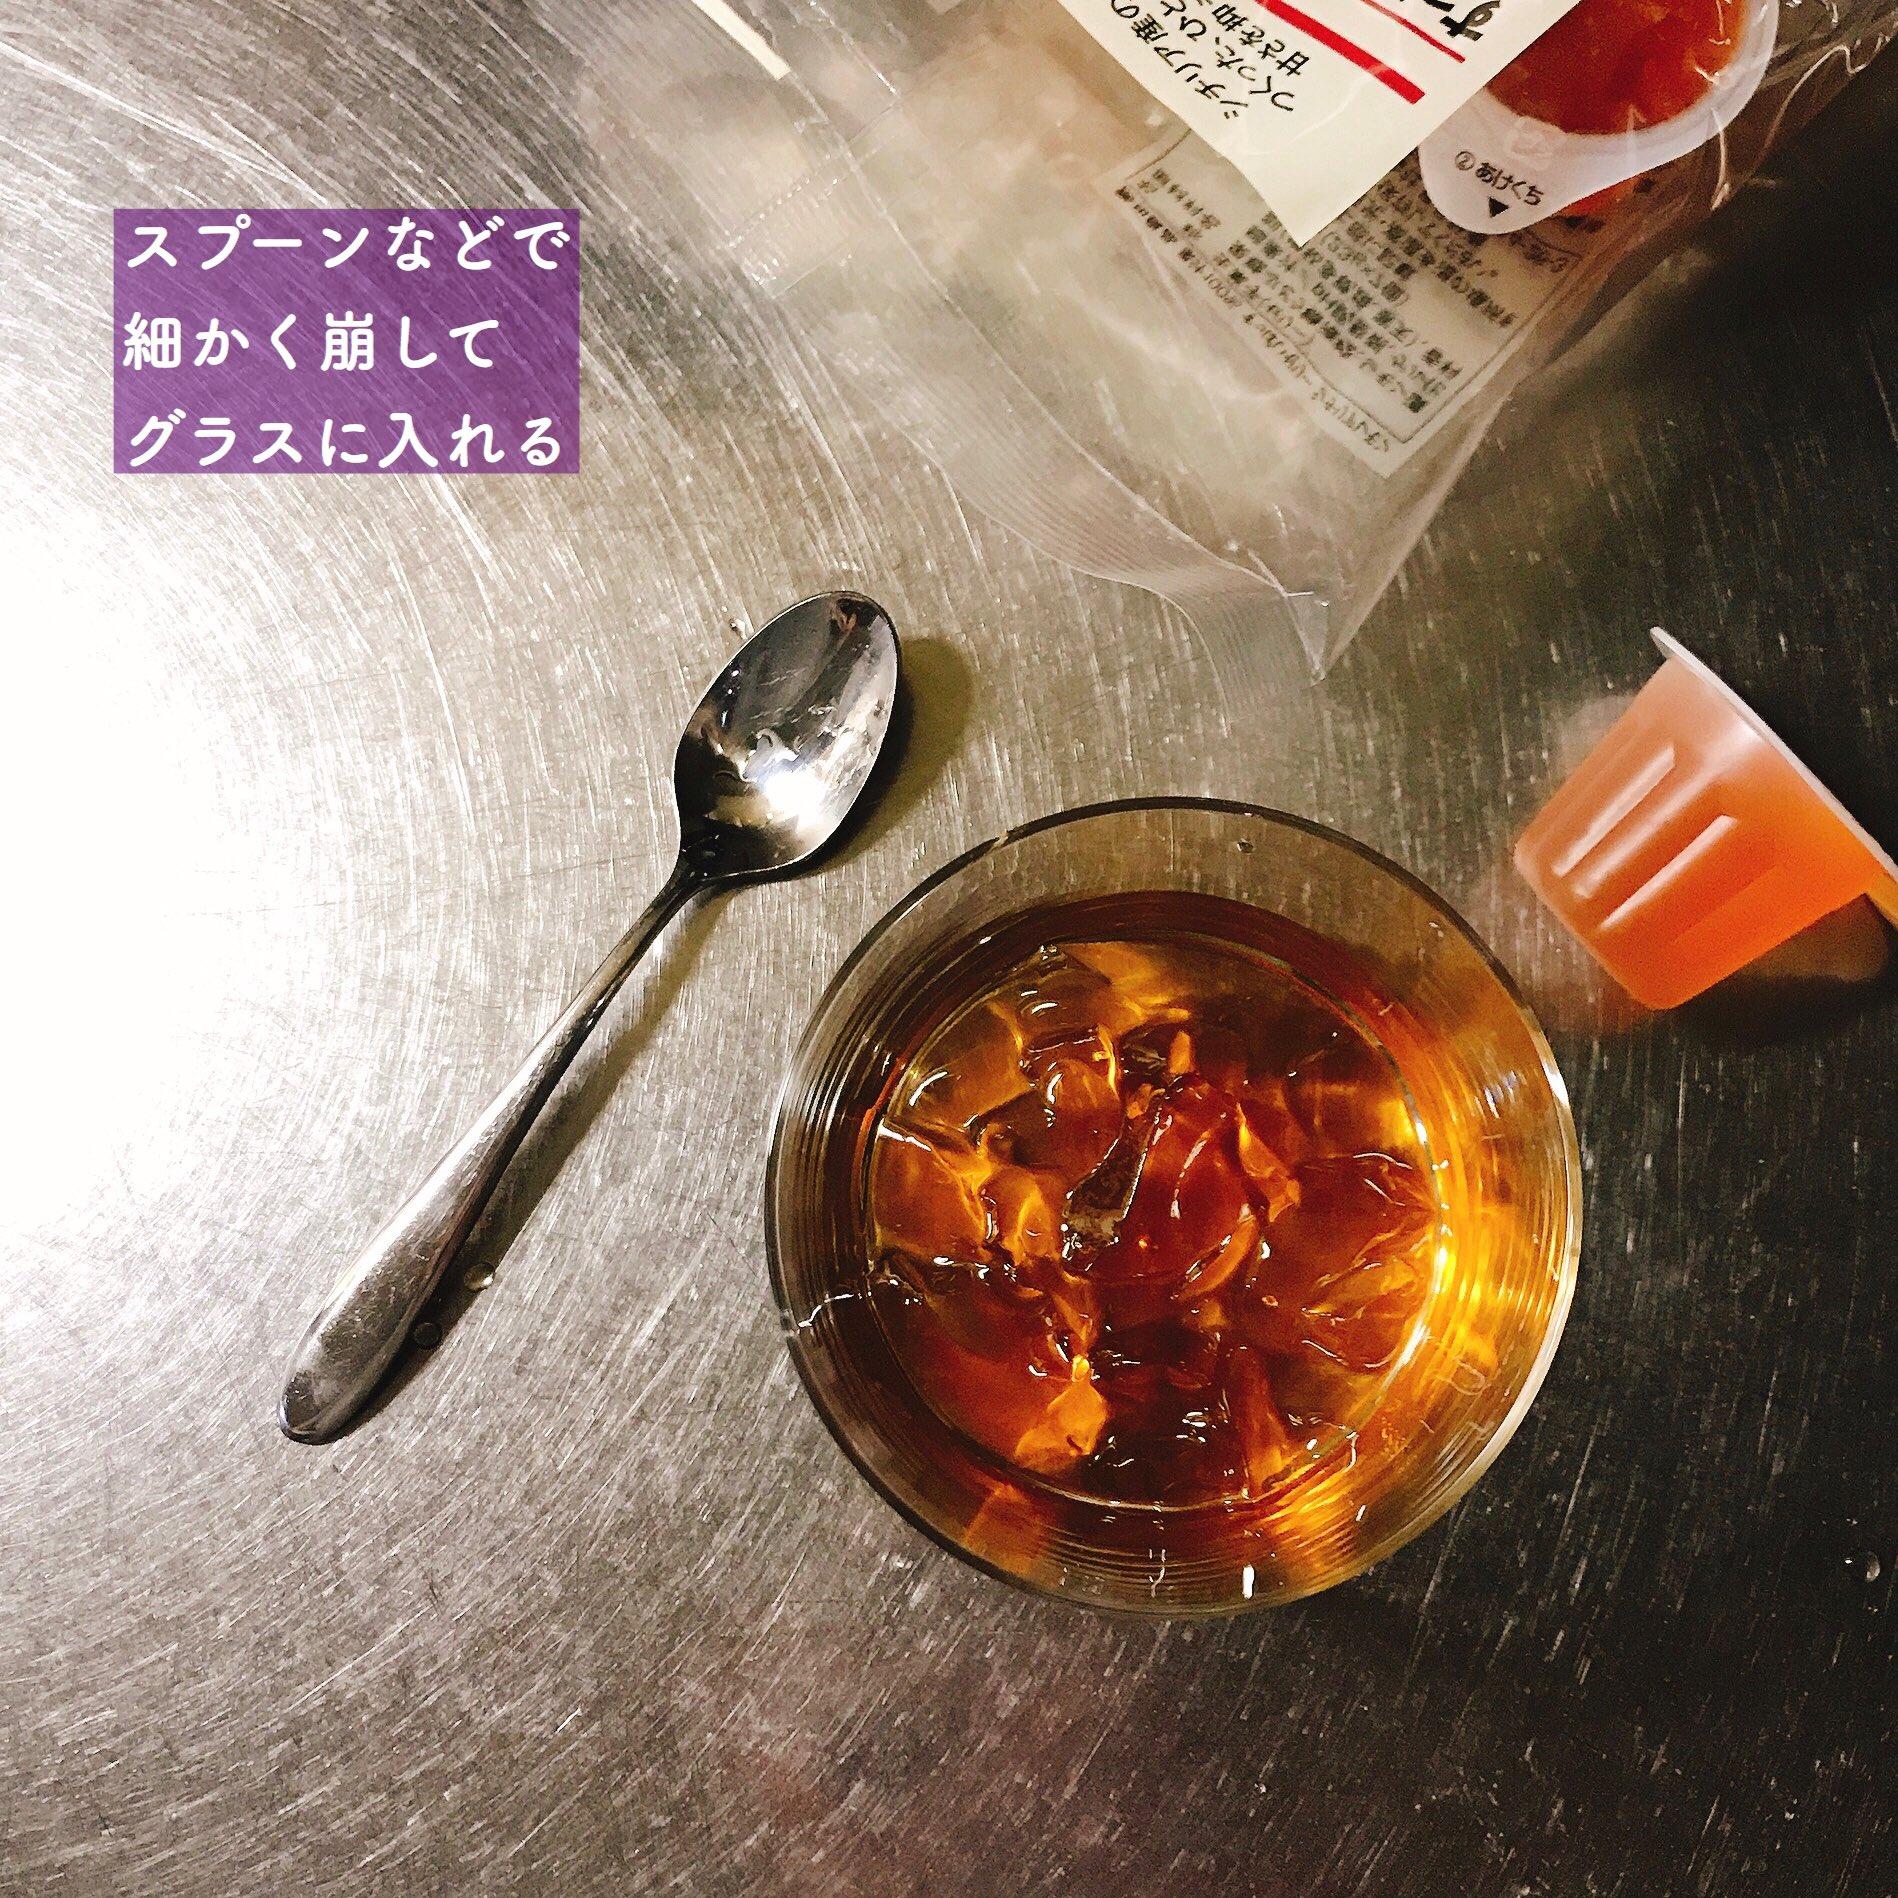 無印良品のすっぱいゼリーは容赦なくすっぱいので酒にも合うし、紅茶ポーションを入れてゼリーティーソーダにしてもうまい。すっぱい。